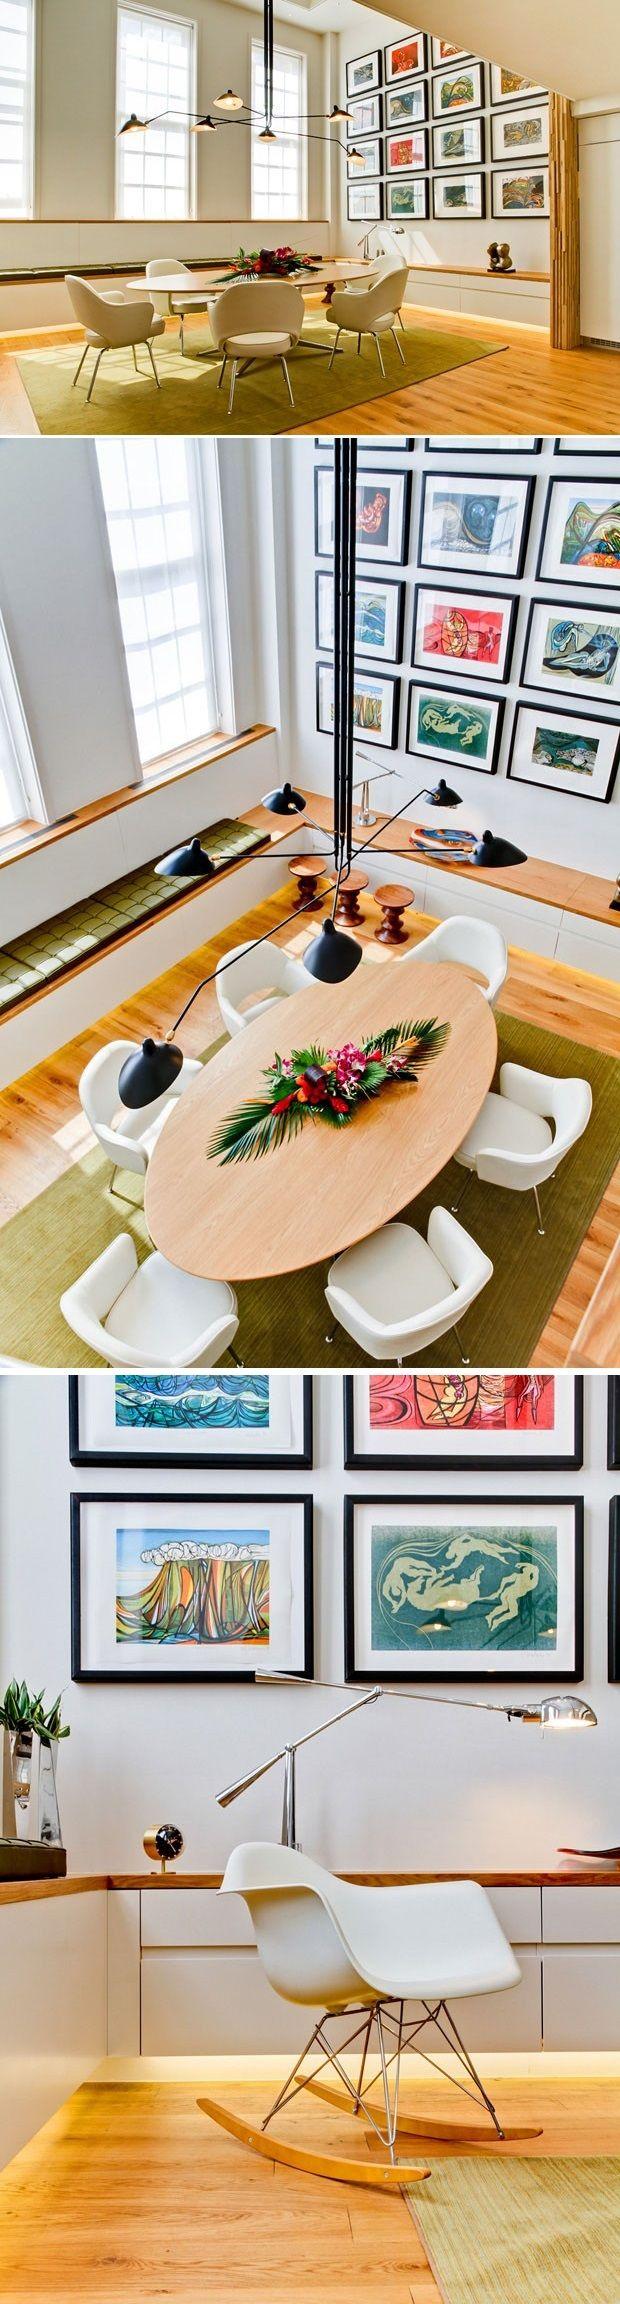 Junto à cozinha, está a vedete da residência: a ampla sala de jantar, com mesa oval de tampo de madeira e seis cadeiras robustas e confortáveis. Uma sacada interessante do ambiente é o banco contínuo que desenha as laterais da sala e pode servir tanto de aparador quanto de assento. Já o toque moderno do espaço vem da luminária pendente Mouille, da cadeira de balanço branca do casal Eames, da iluminação embutida abaixo do móvel, dos inúmeros quadros coloridos que preenchem uma das paredes.